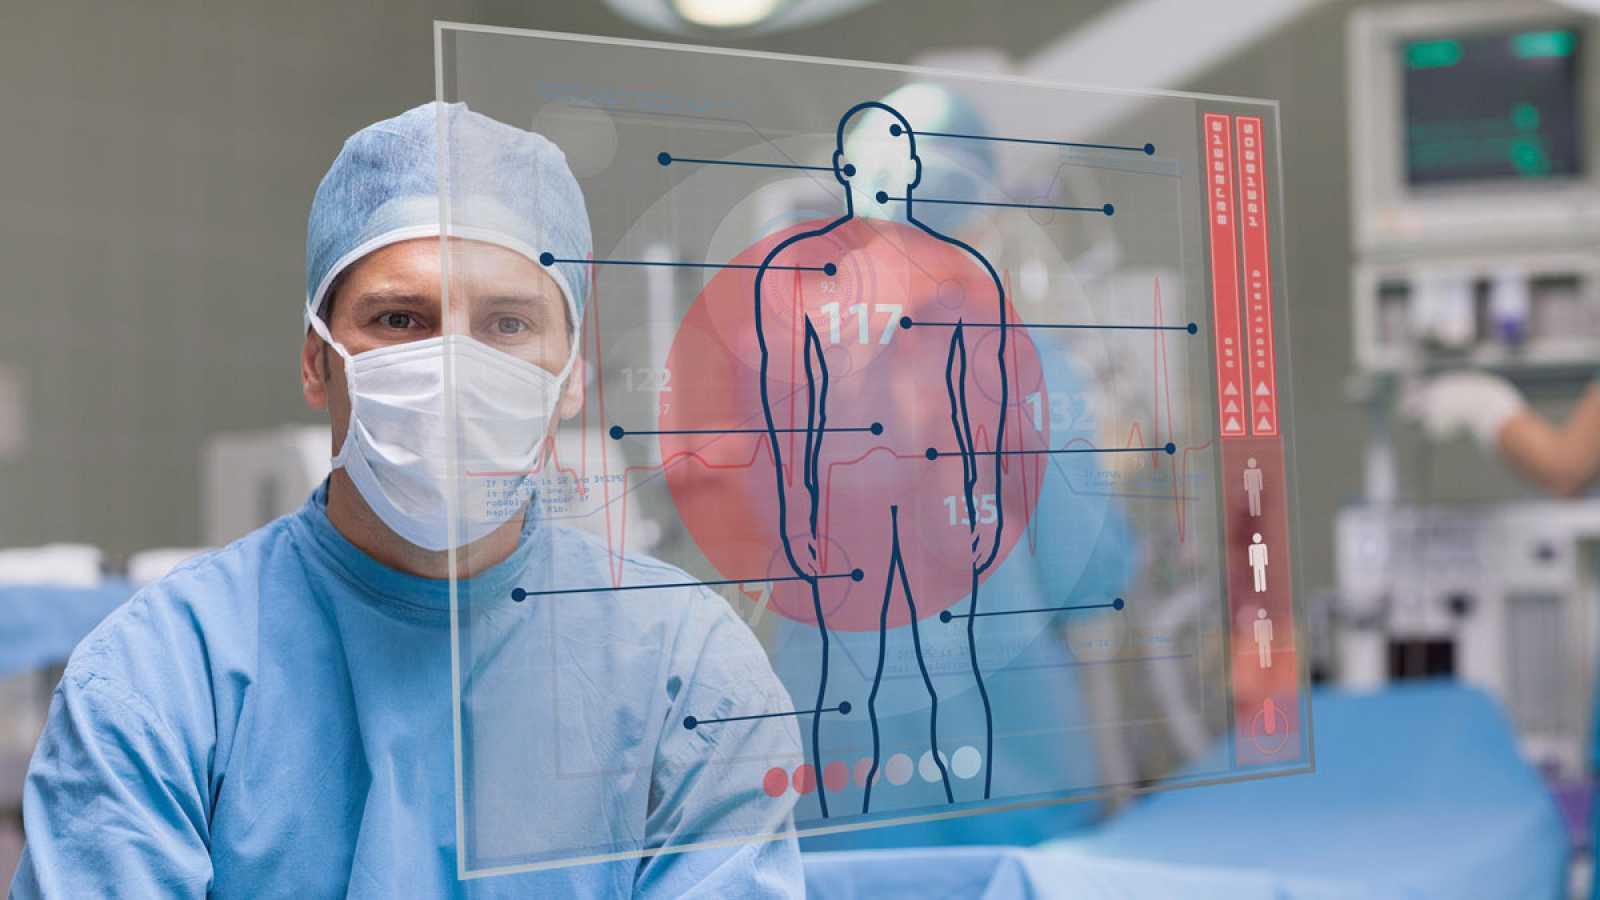 Con unas gafas de realidad aumentada y la impresión en 3D, los cirujanos del Hospital Gregorio Marañon de Madrid consiguen aumentar la precisión en las intervenciones. Es una técnica pionera que permite al médico ver hologramas con recreaciones y rad